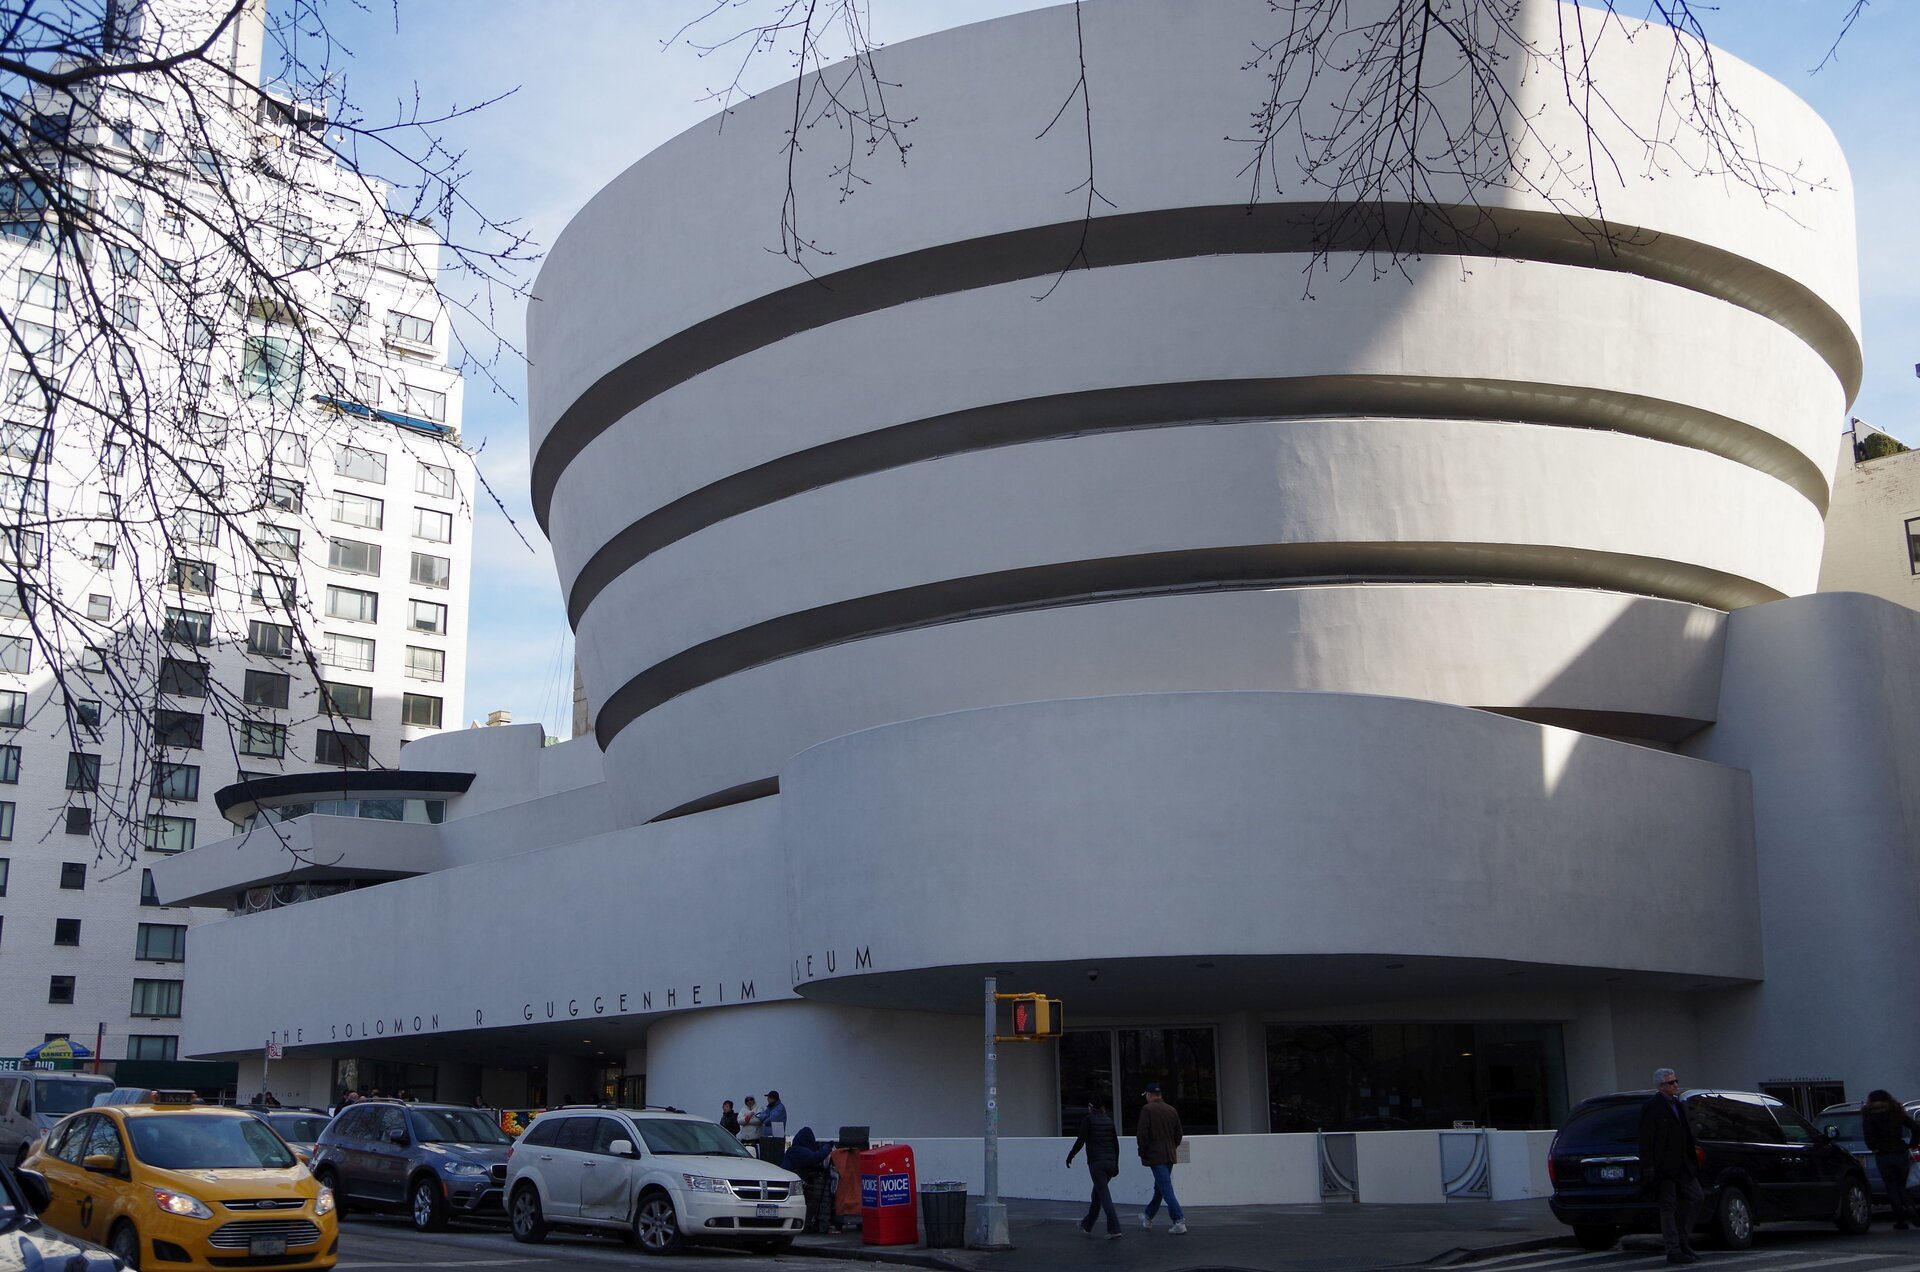 Ilustracja przedstawia budynek muzeum Gugenheima wNowym Yorku.